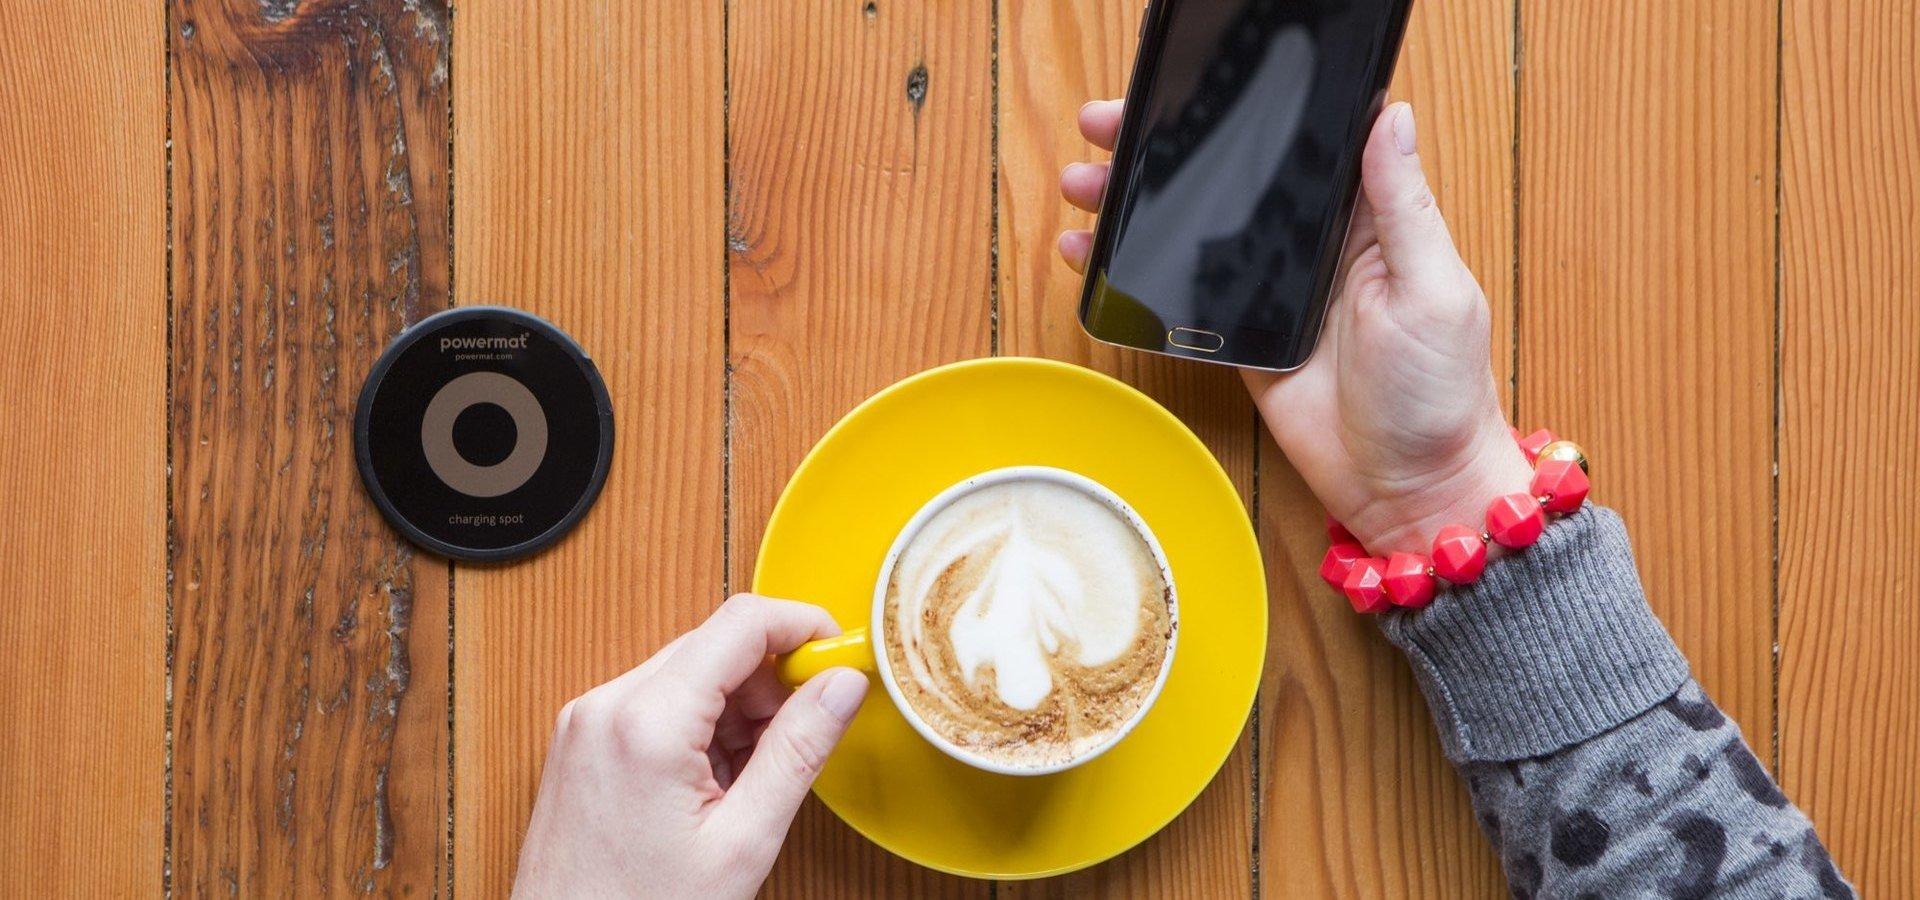 Powermat - zaproszenie na śniadanie prasowe